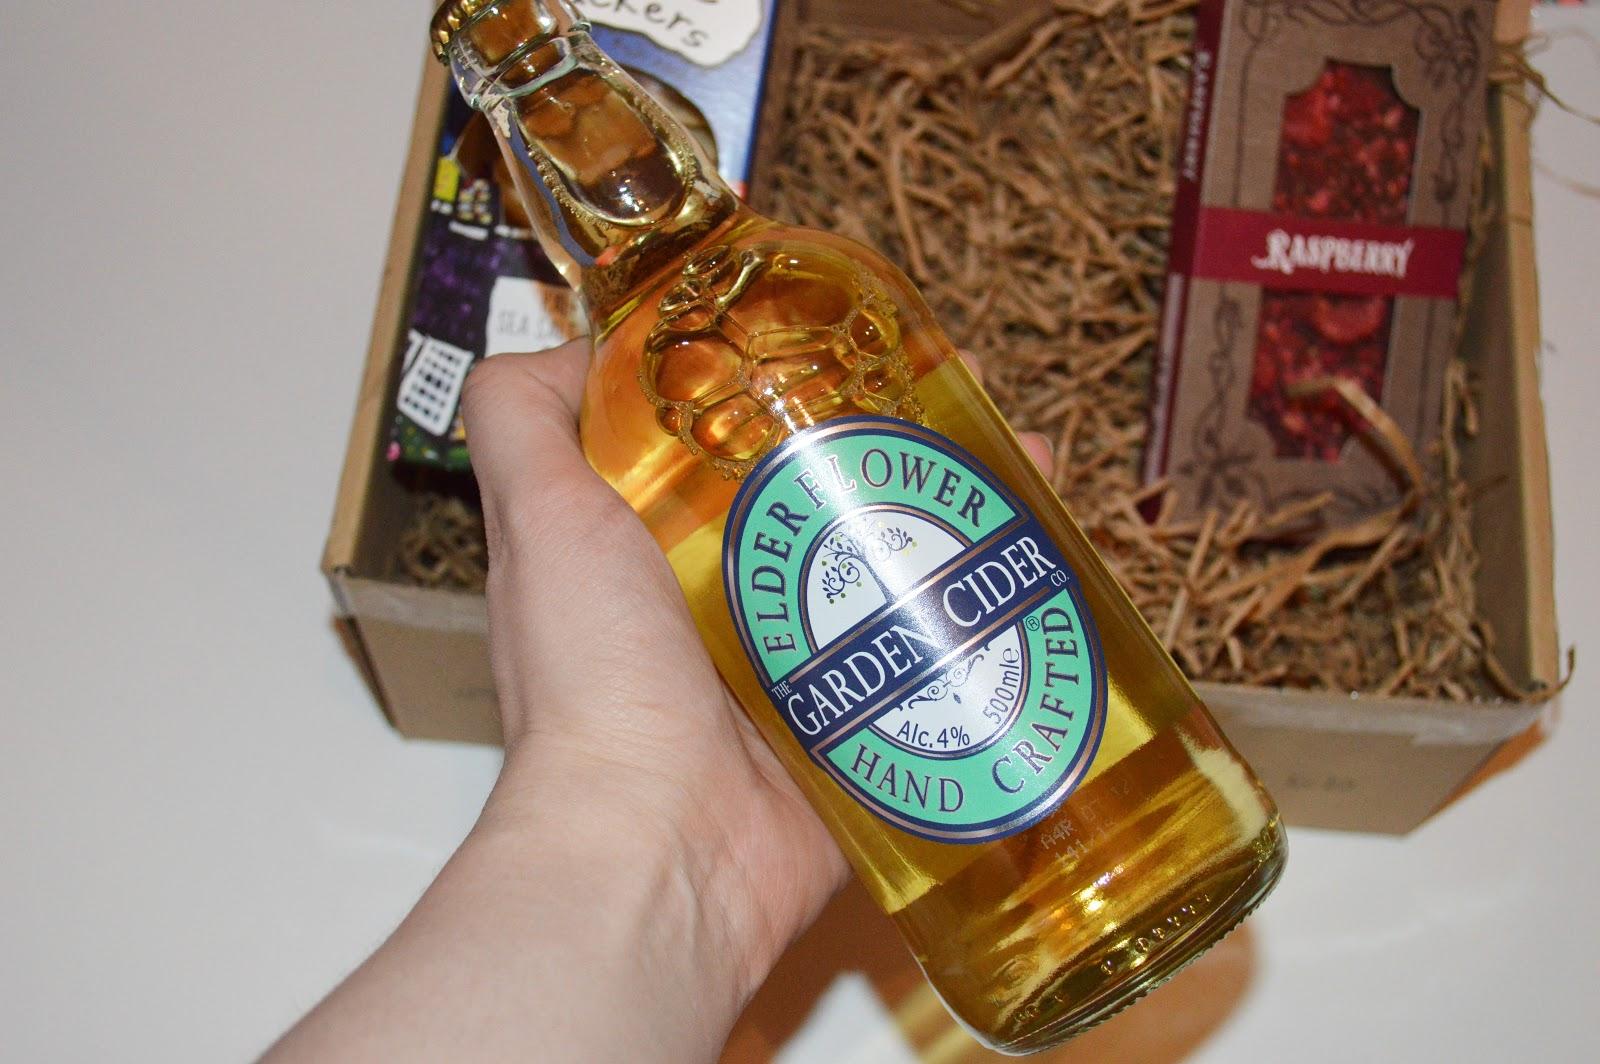 Elderflower Garden Cider